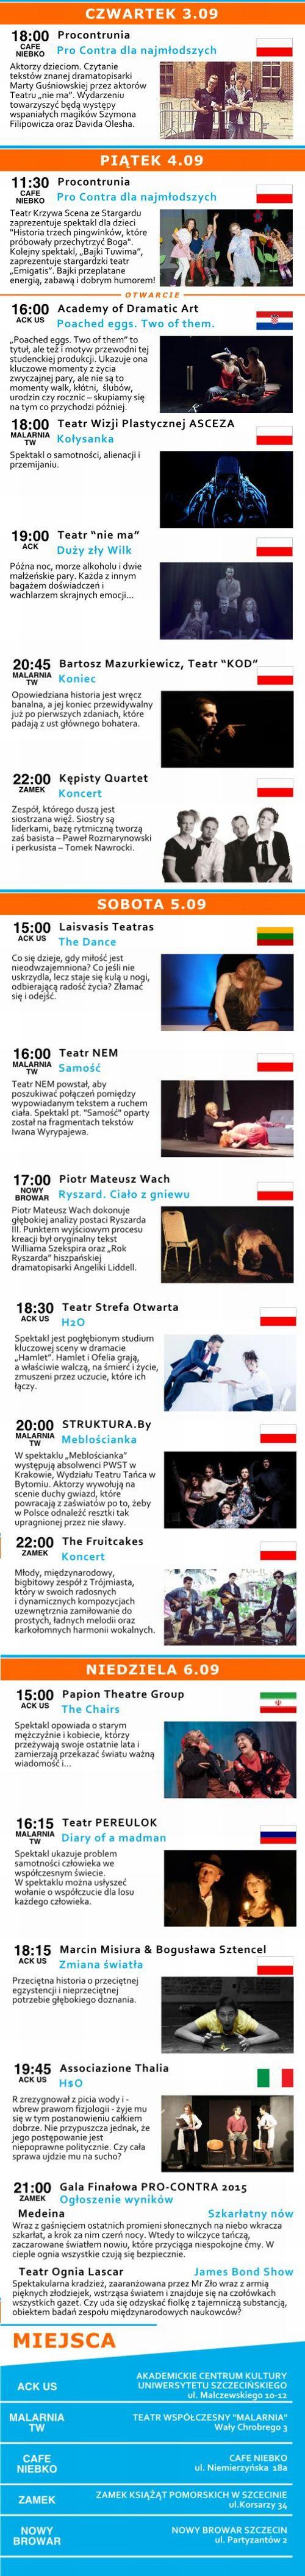 Szczecin, PRO-CONTRA, Międzynarodowy Festiwal Teatrów Niezależnych, weekend w Szczecinie, koncerty, w Szczecinie, kierunek Szczecin, Teatr Ognia